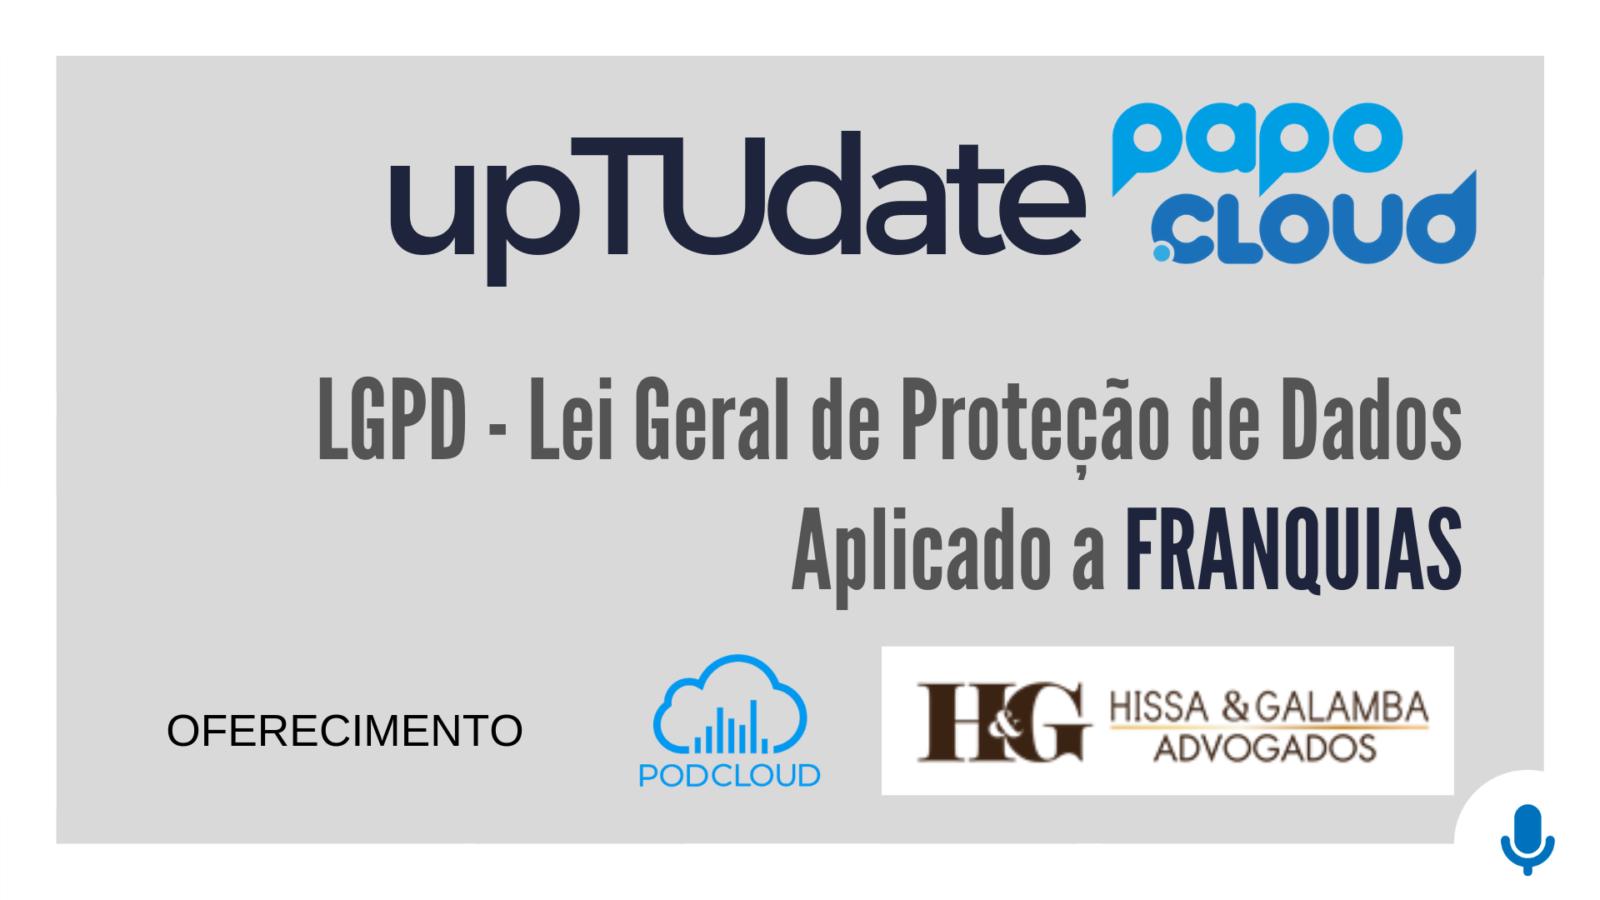 upTUdate - Hissa e Galamba Advogados - LGPD Lei Geral de Proteção de Dados aplicado a FRANQUIAS